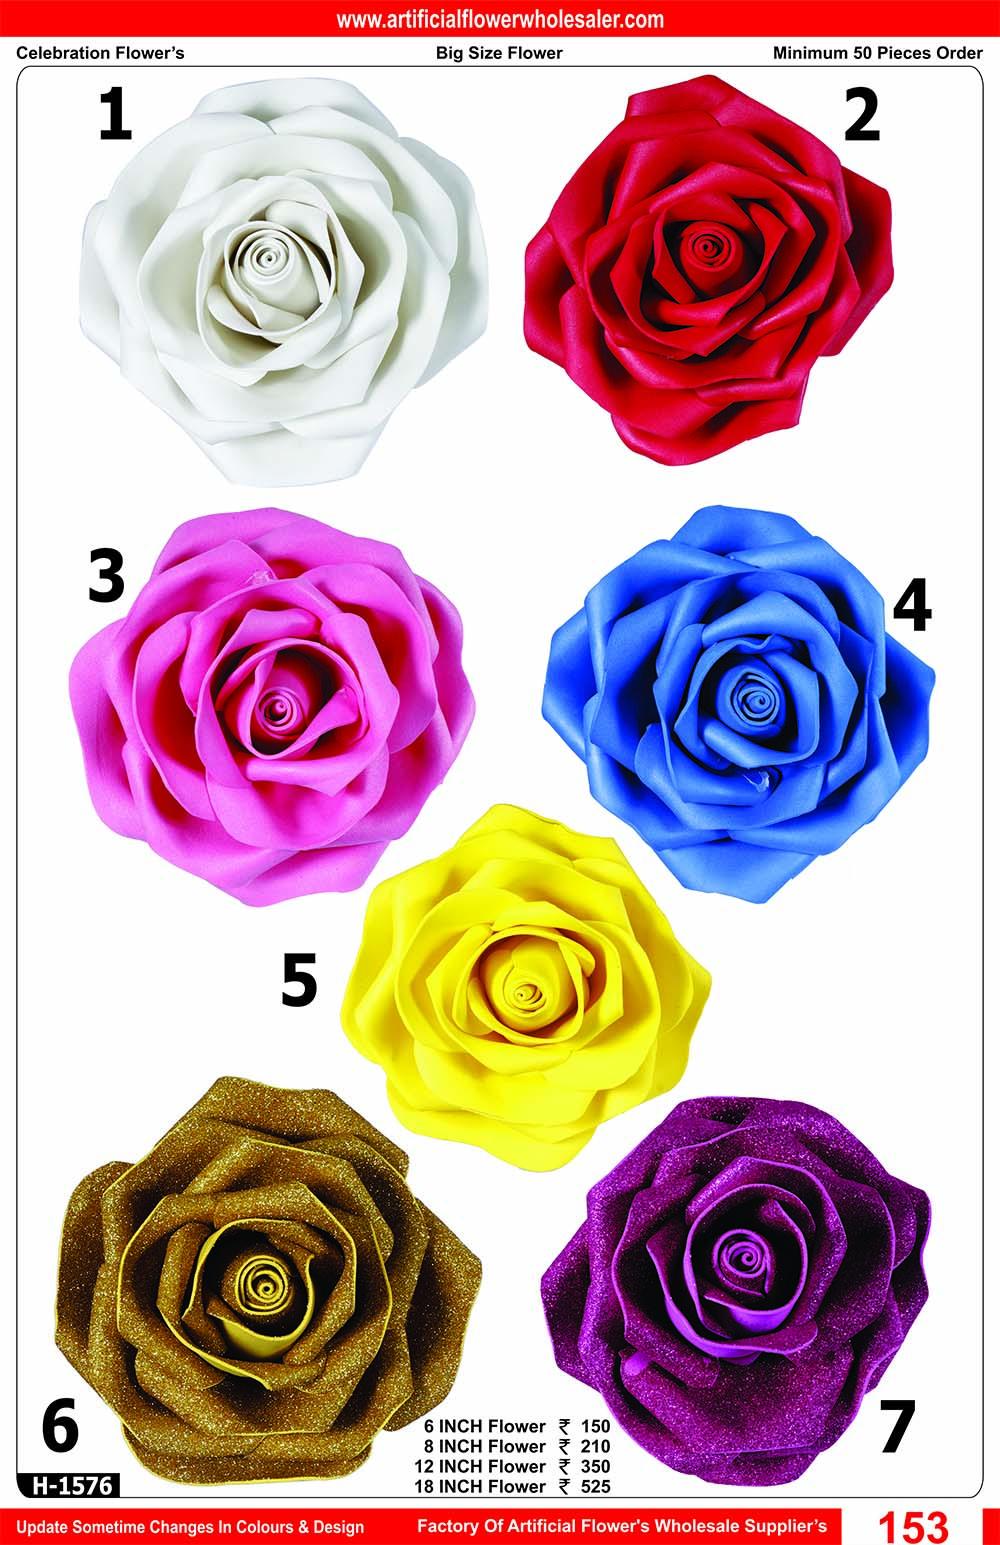 153-artificial-flower-wholesaler